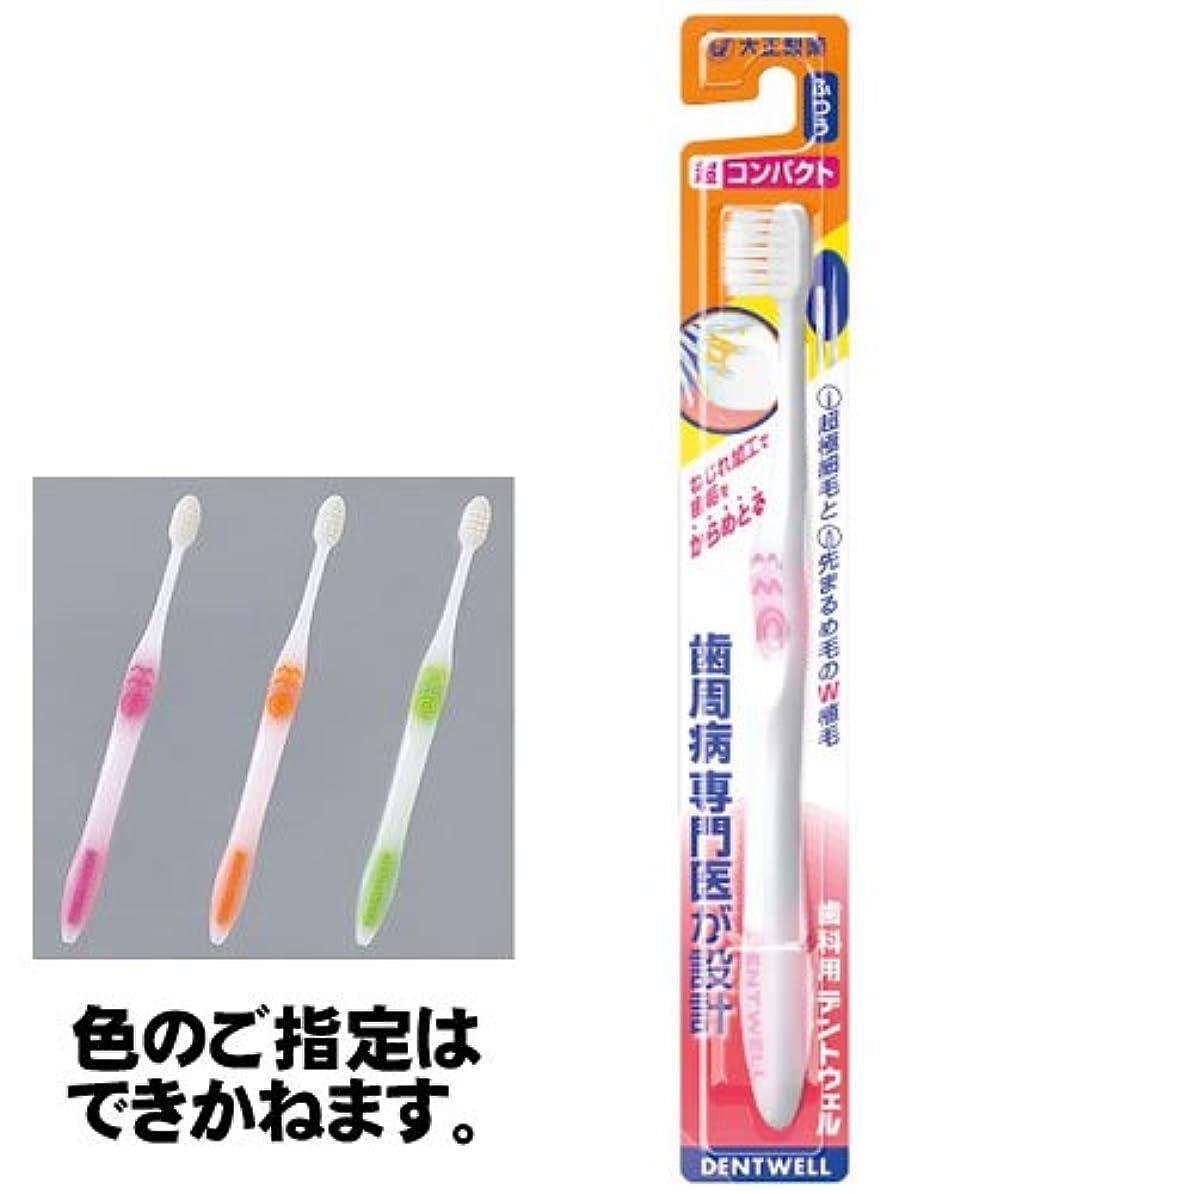 明らかにする困惑する不完全〔大正製薬〕歯科用デントウェル 歯ブラシ 超コンパクト ふつう×12本セット